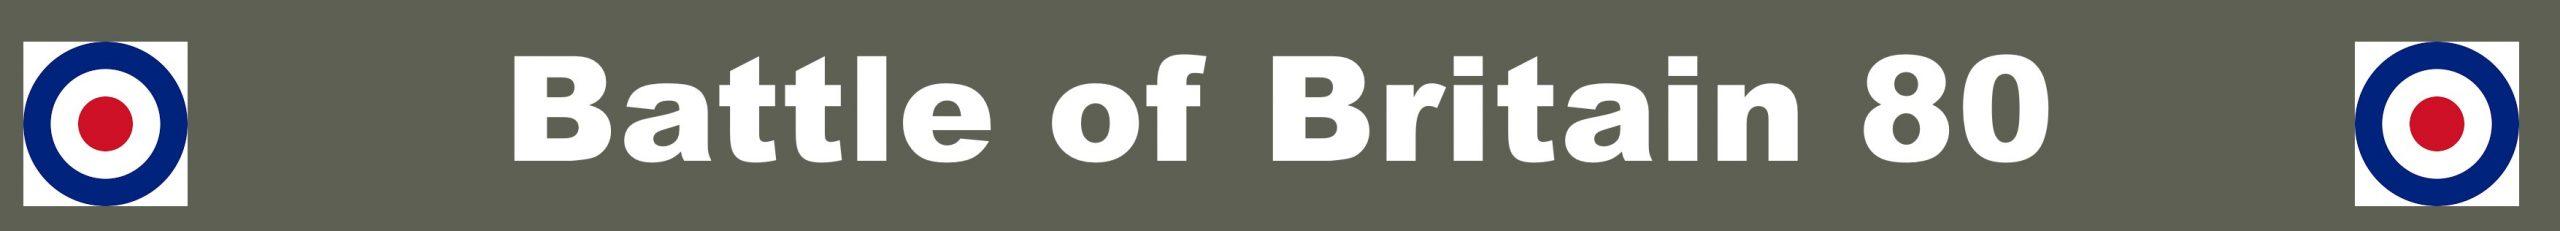 Battle of Britain 80 header